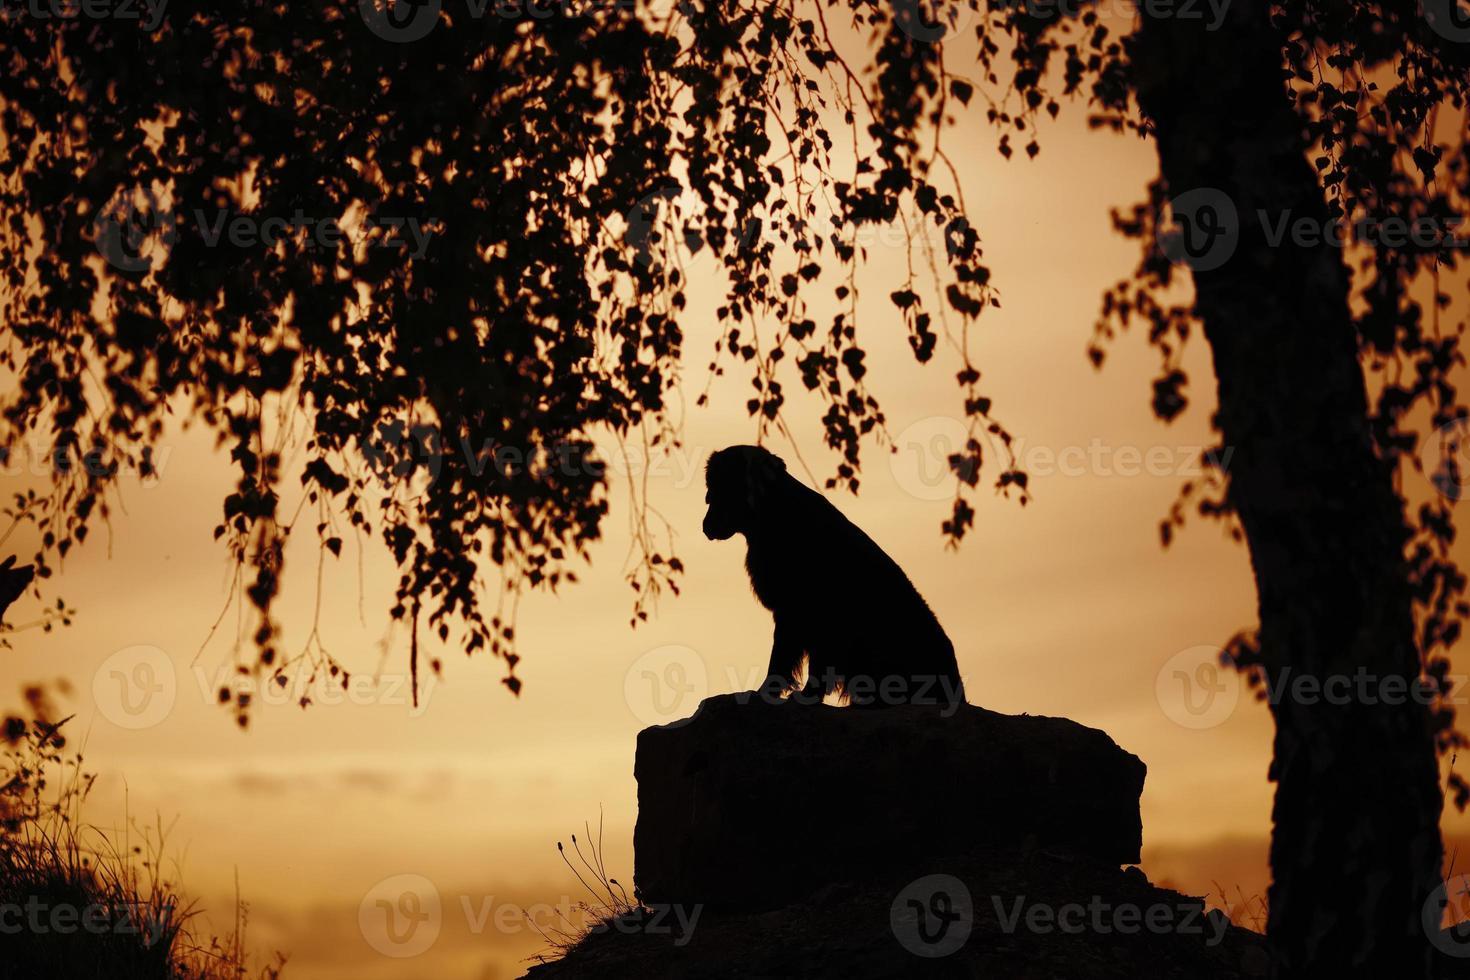 hund sitter under ett träd på kvällen foto